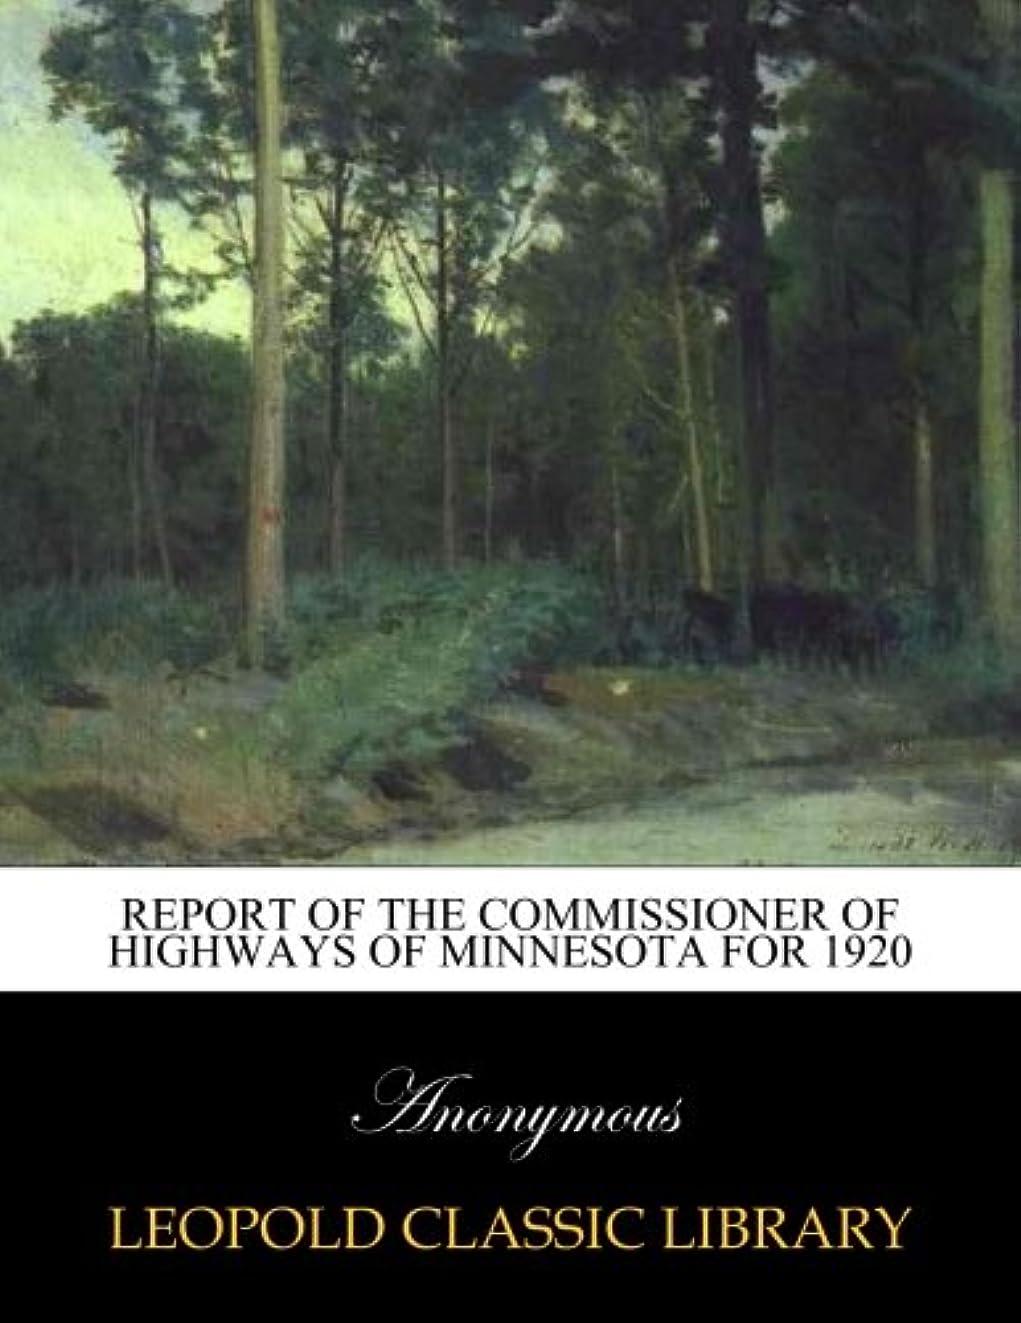 操縦するトラック英語の授業がありますReport of the Commissioner of Highways of Minnesota for 1920